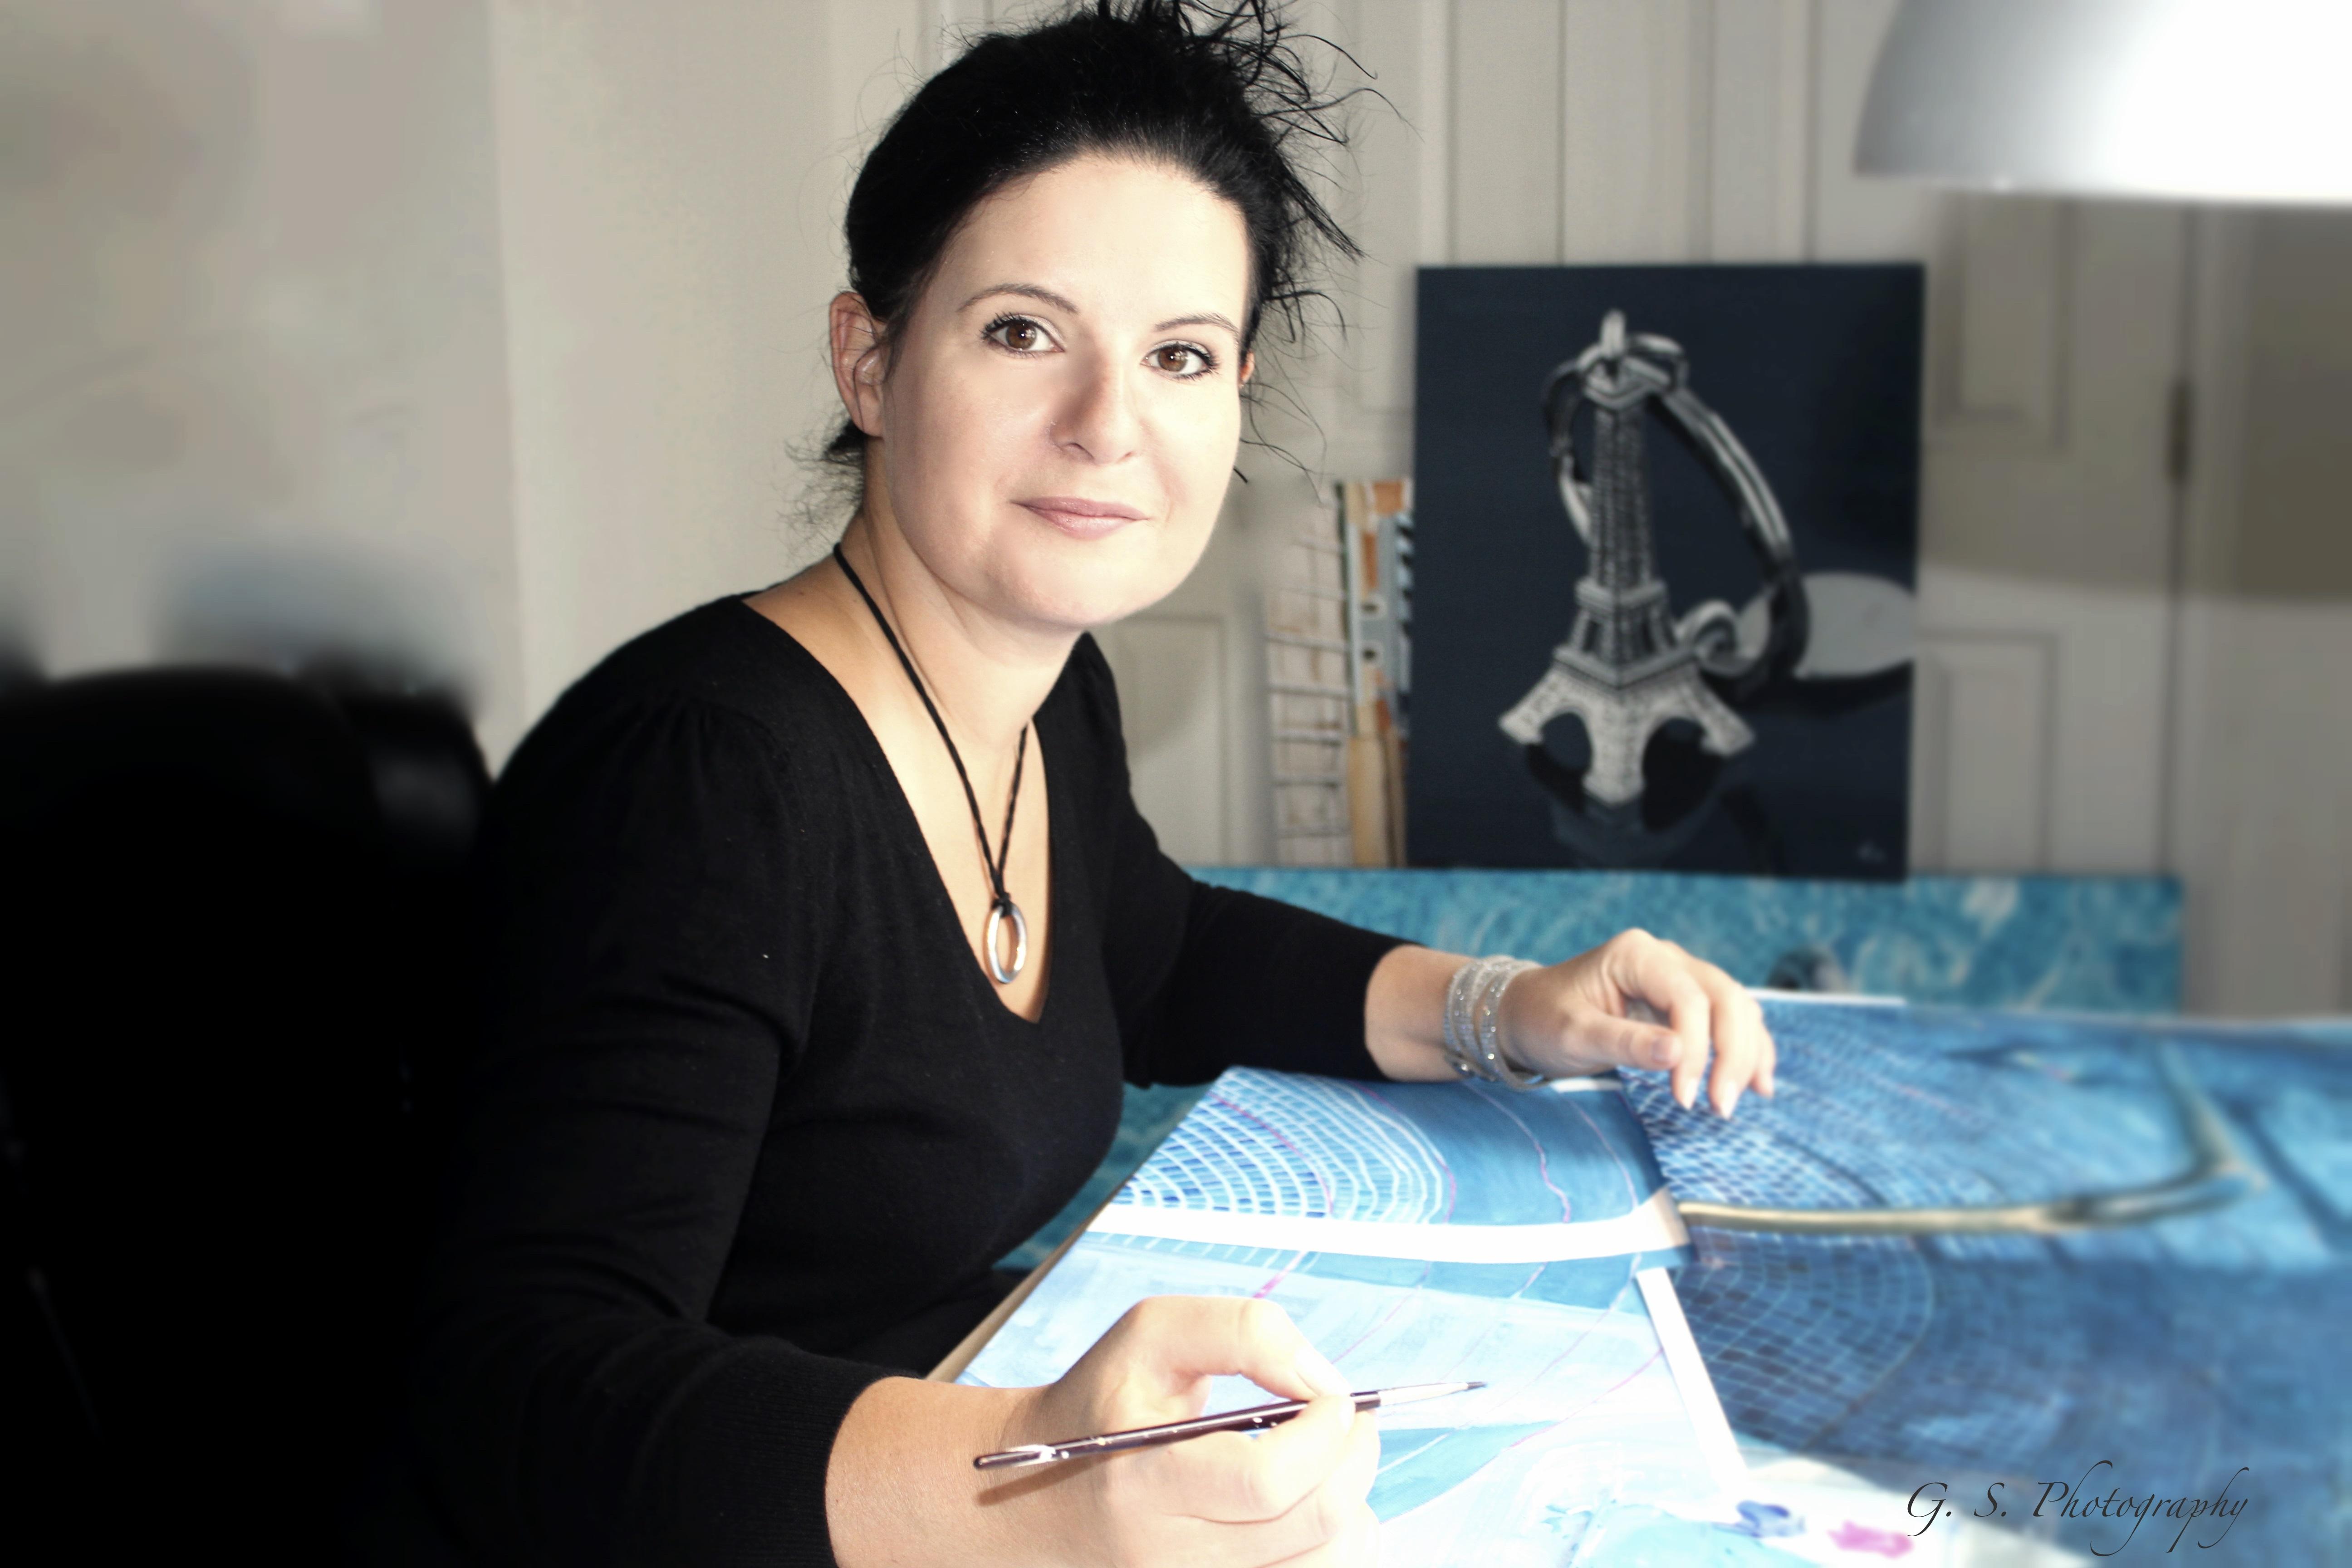 Découvrez l'histoire de Laurence de Valmy , artiste peintre à New York sur le blog⎟ Talented Girls, conseils business et ondes positives pour les femmes entrepreneures ! www.talentedgirls.fr